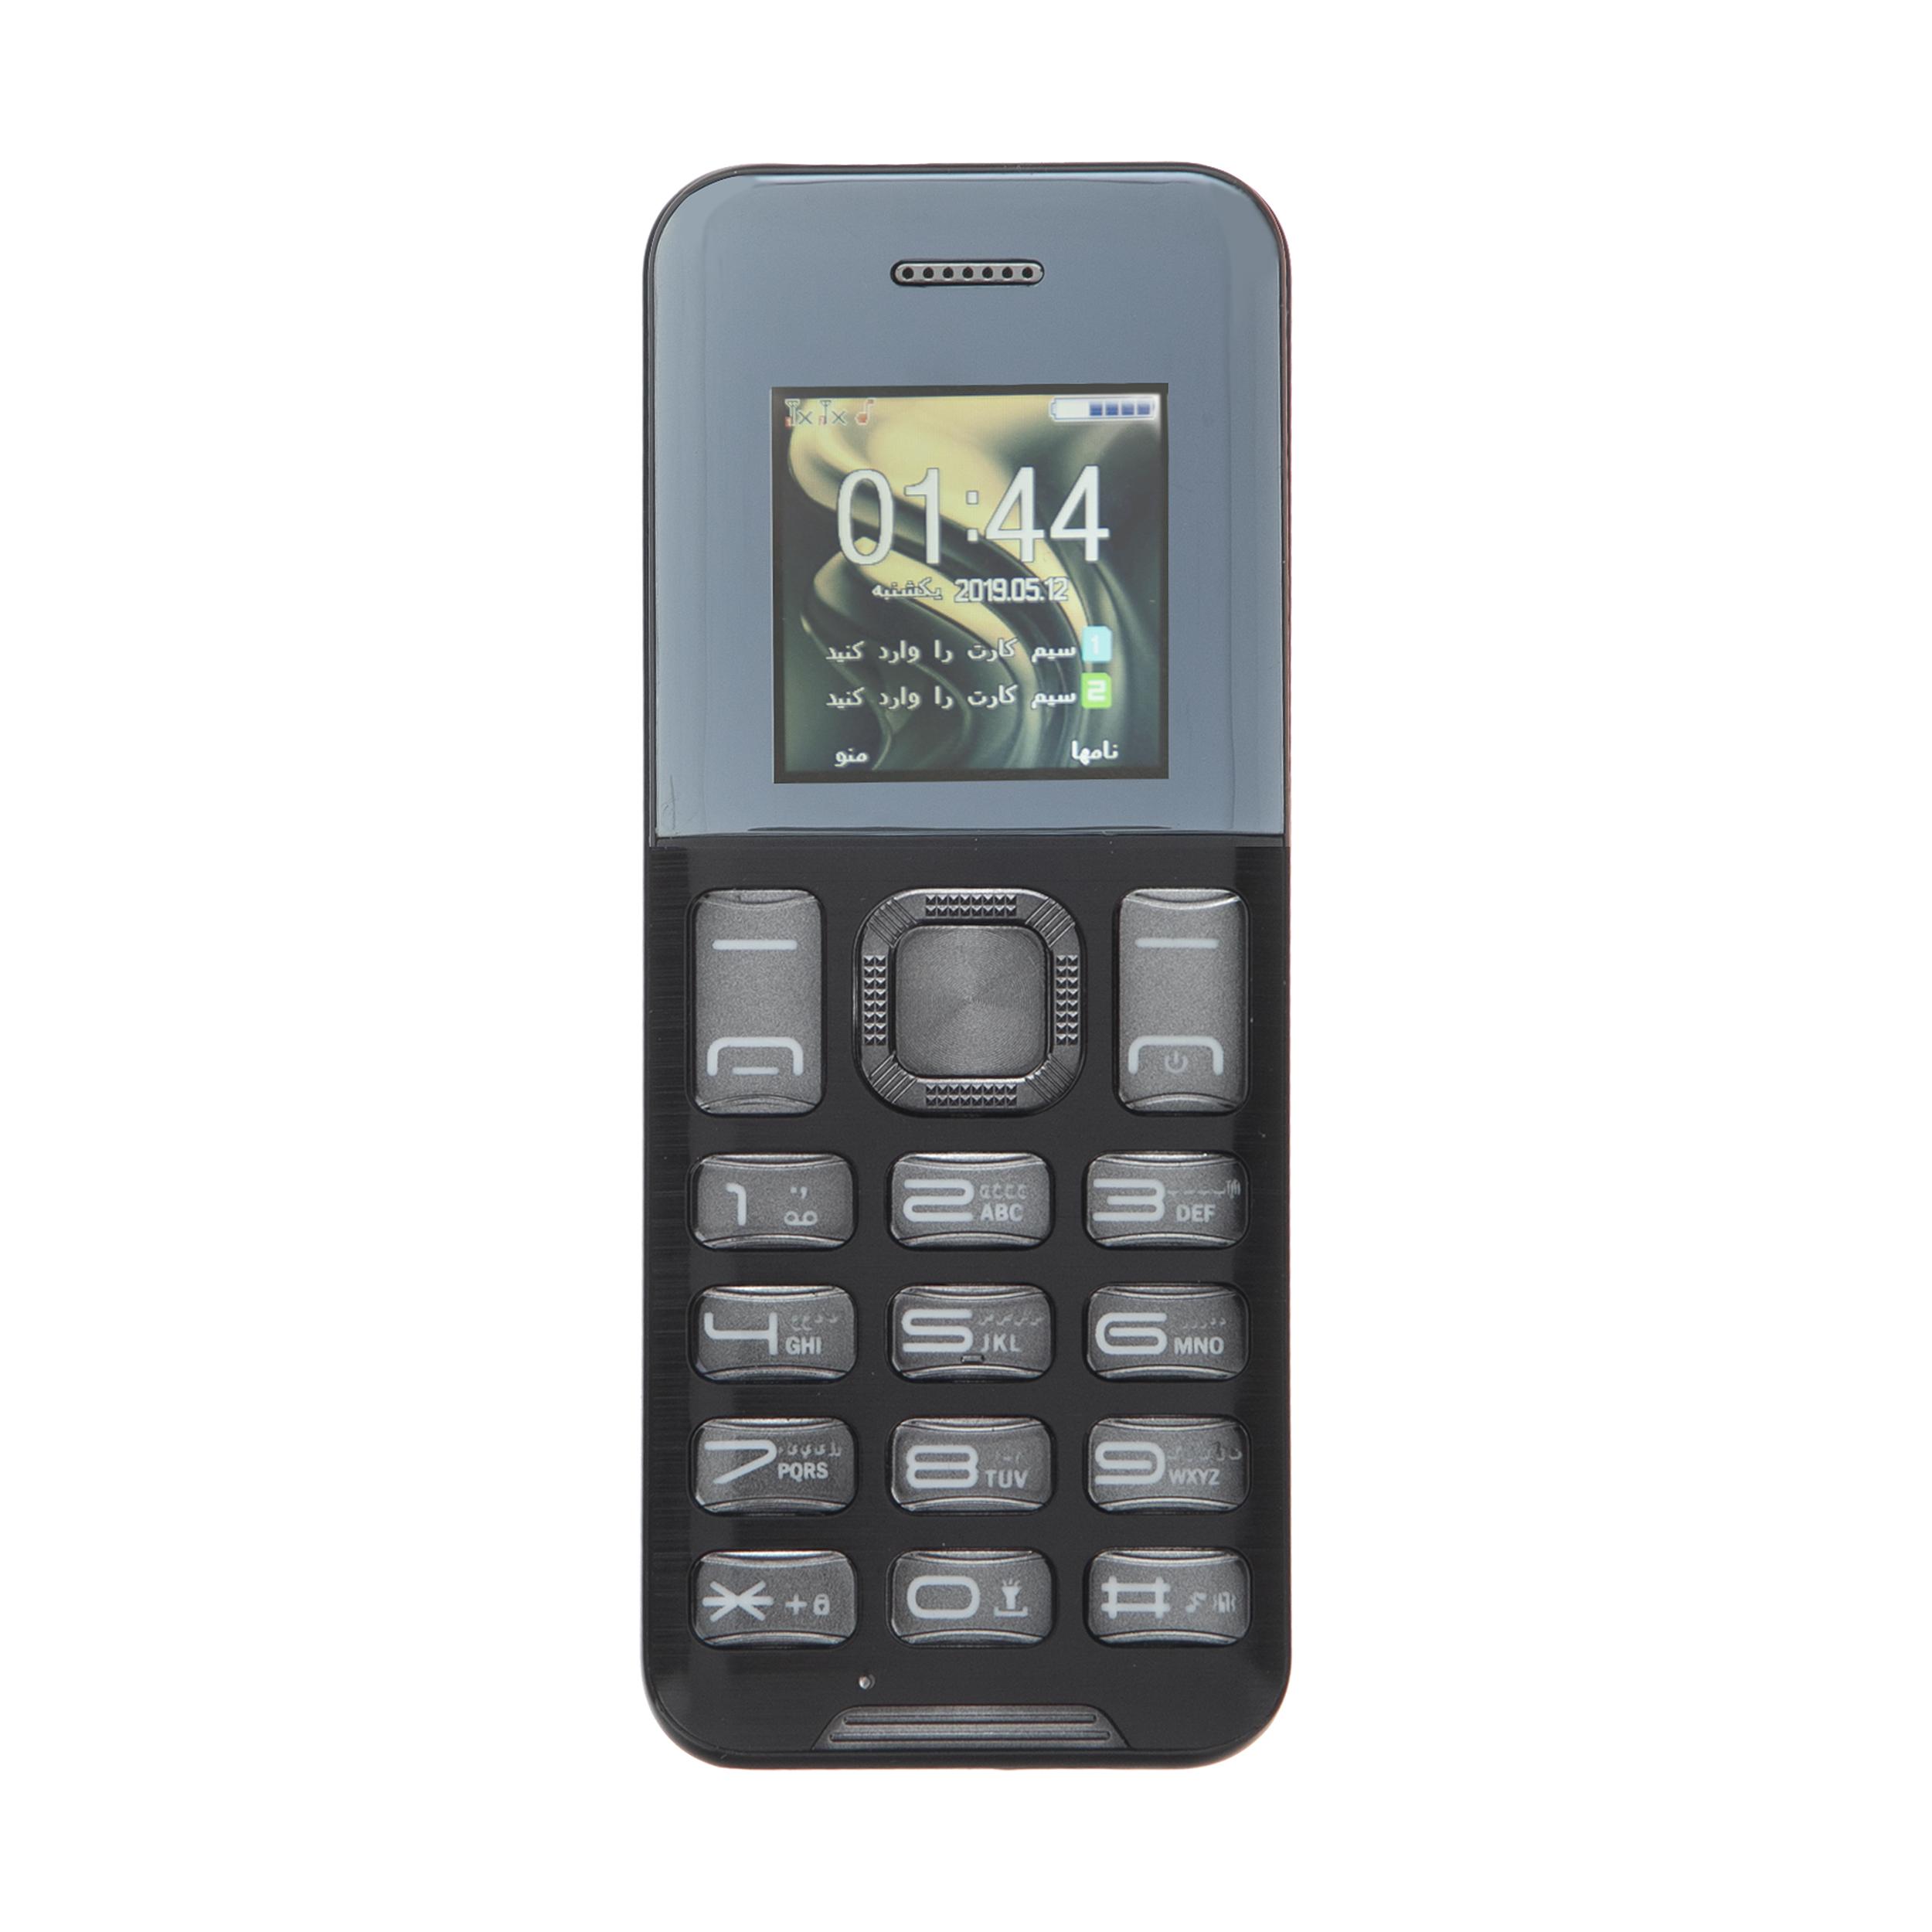 خرید                     گوشی موبایل جنرال لوکس مدل 2690 Slim دو سیم کارت